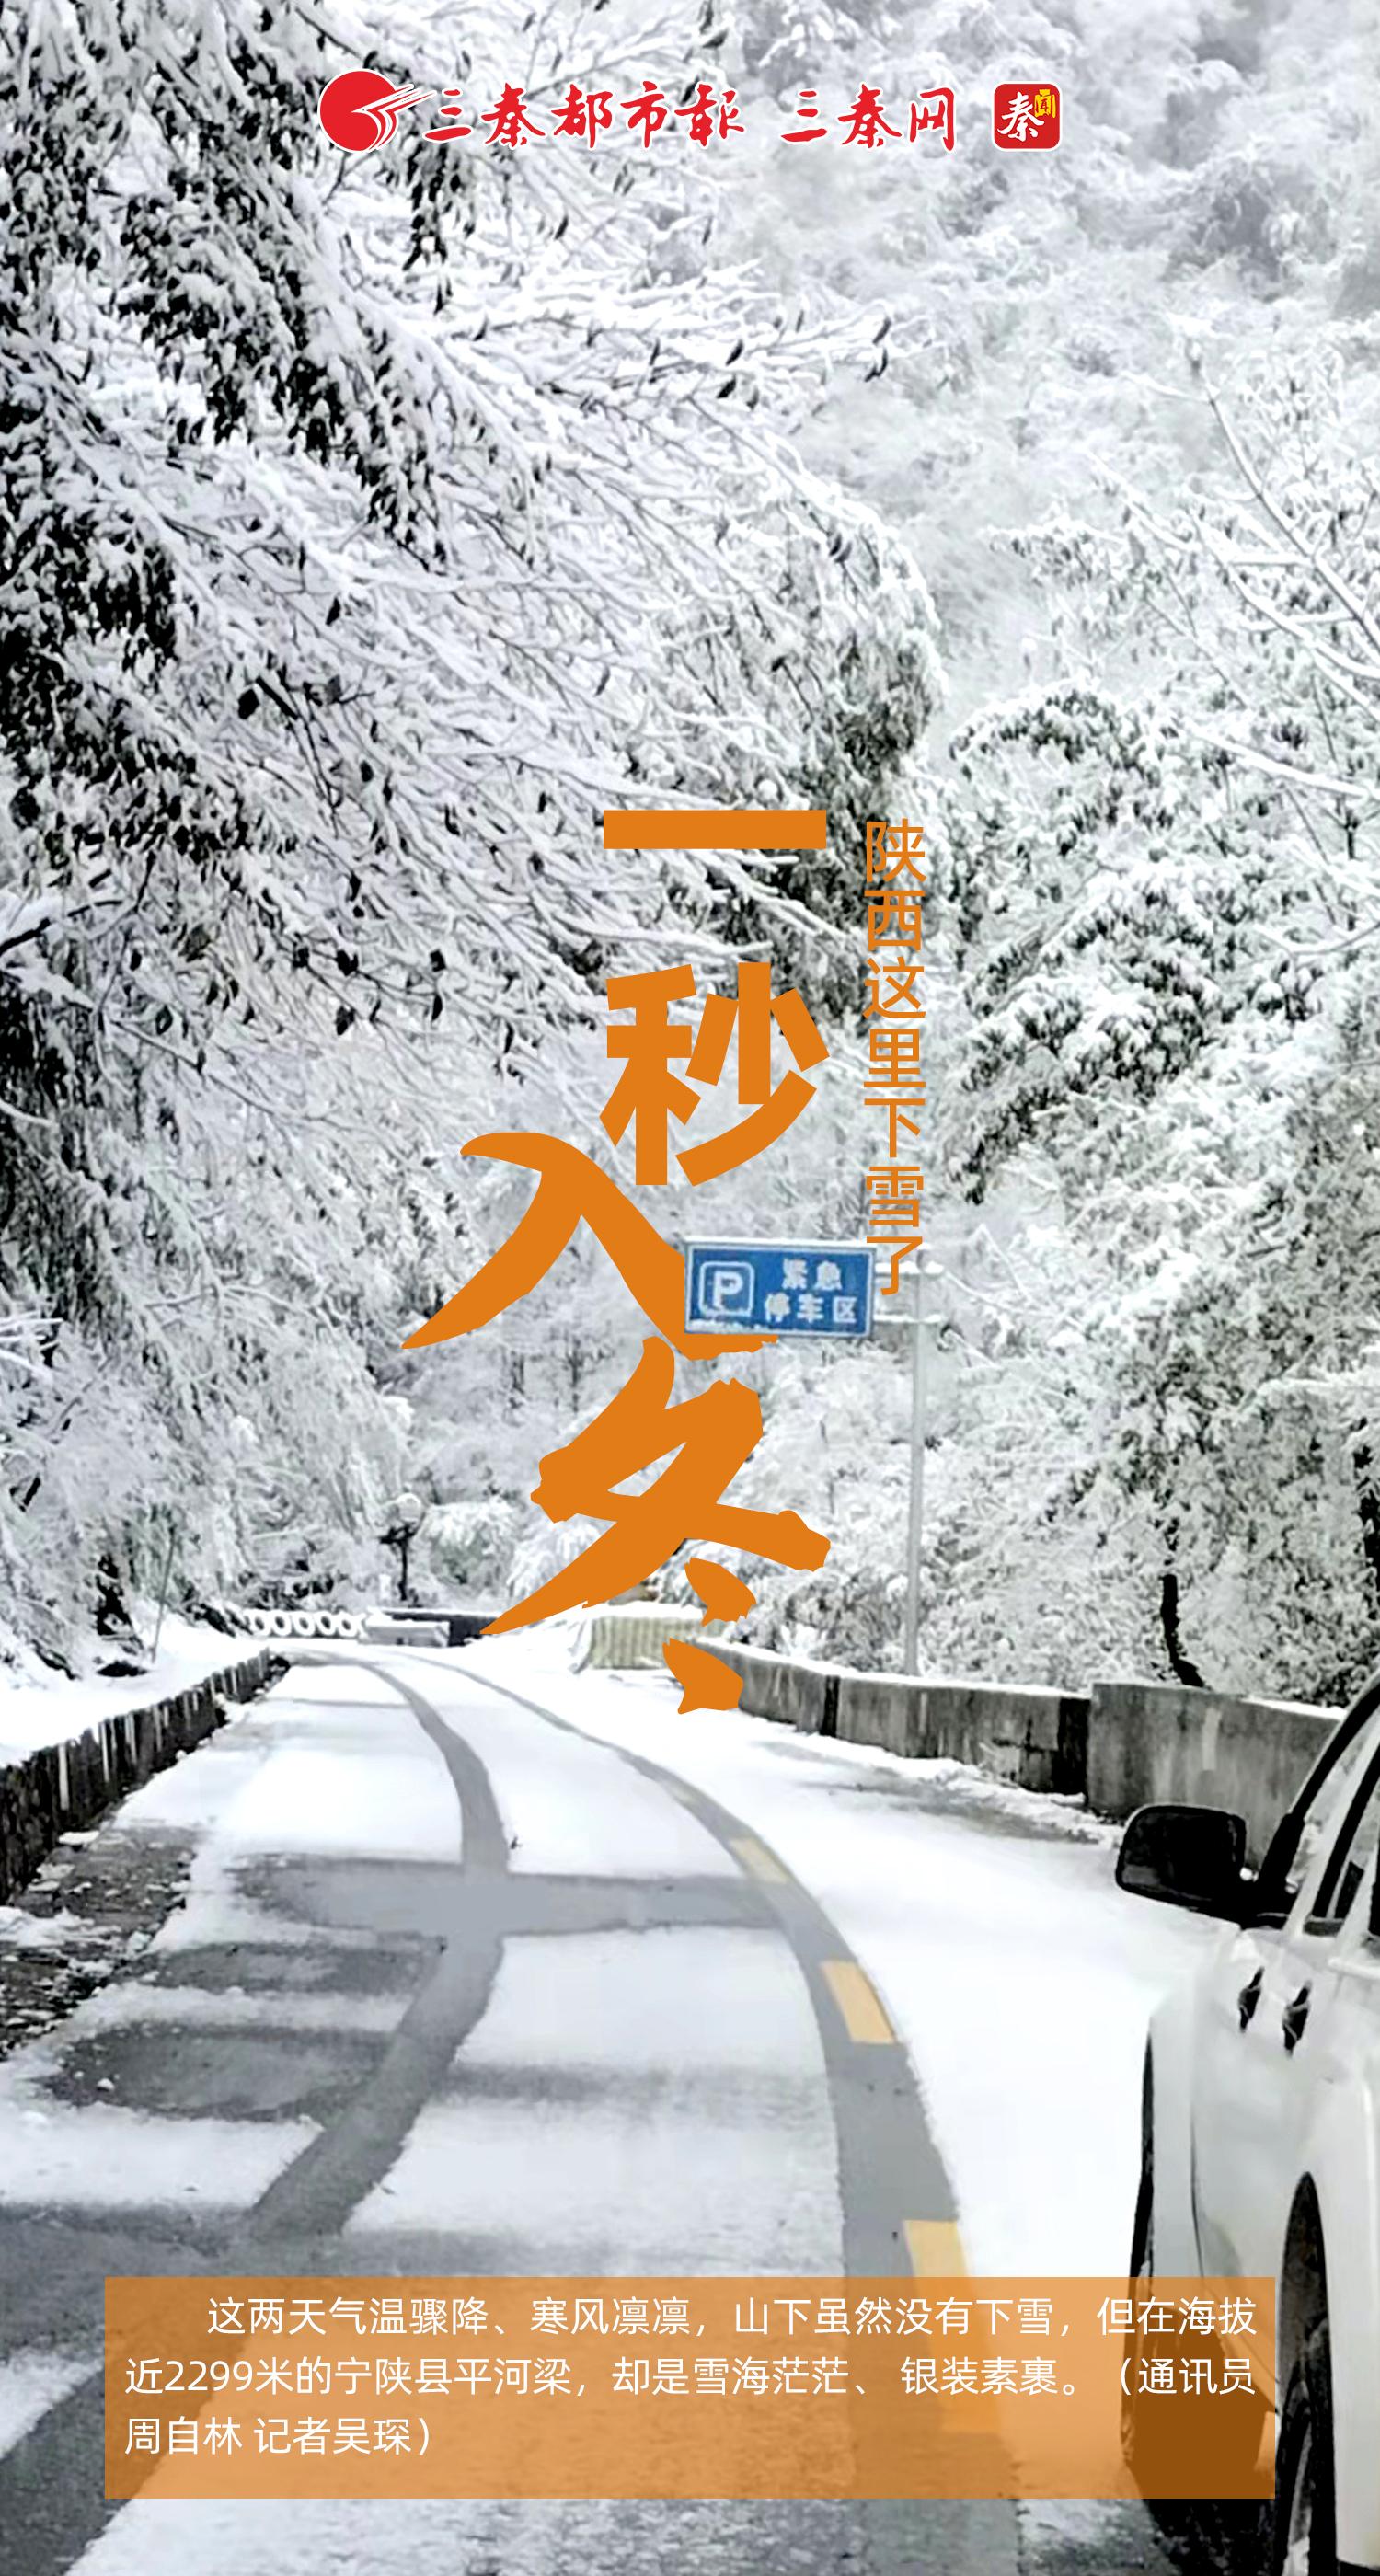 宁陕县平河梁下雪了!